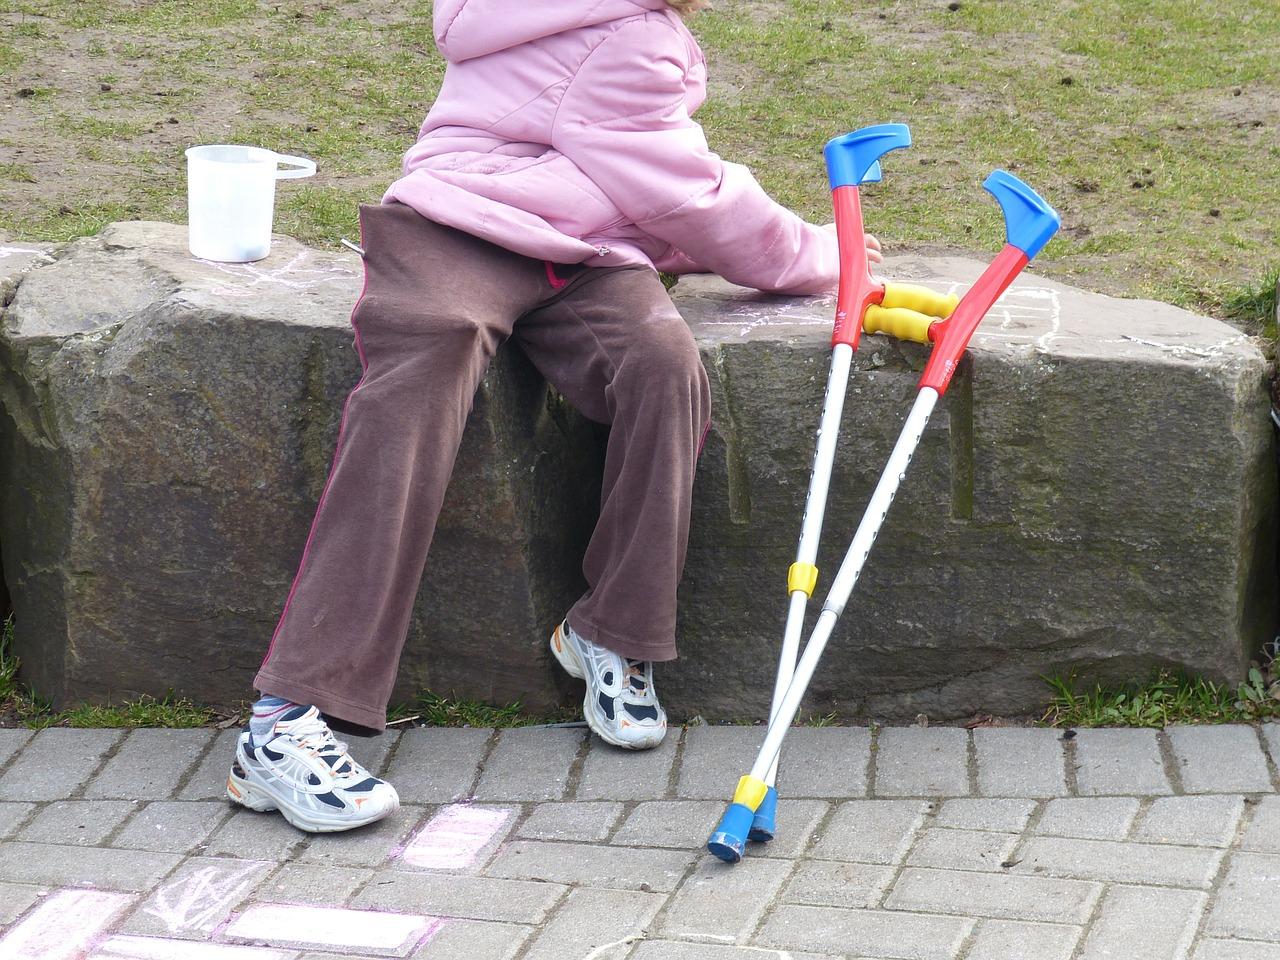 Lista ćwiczeń korekcyjnych, przeciwdziałającym wadom stóp